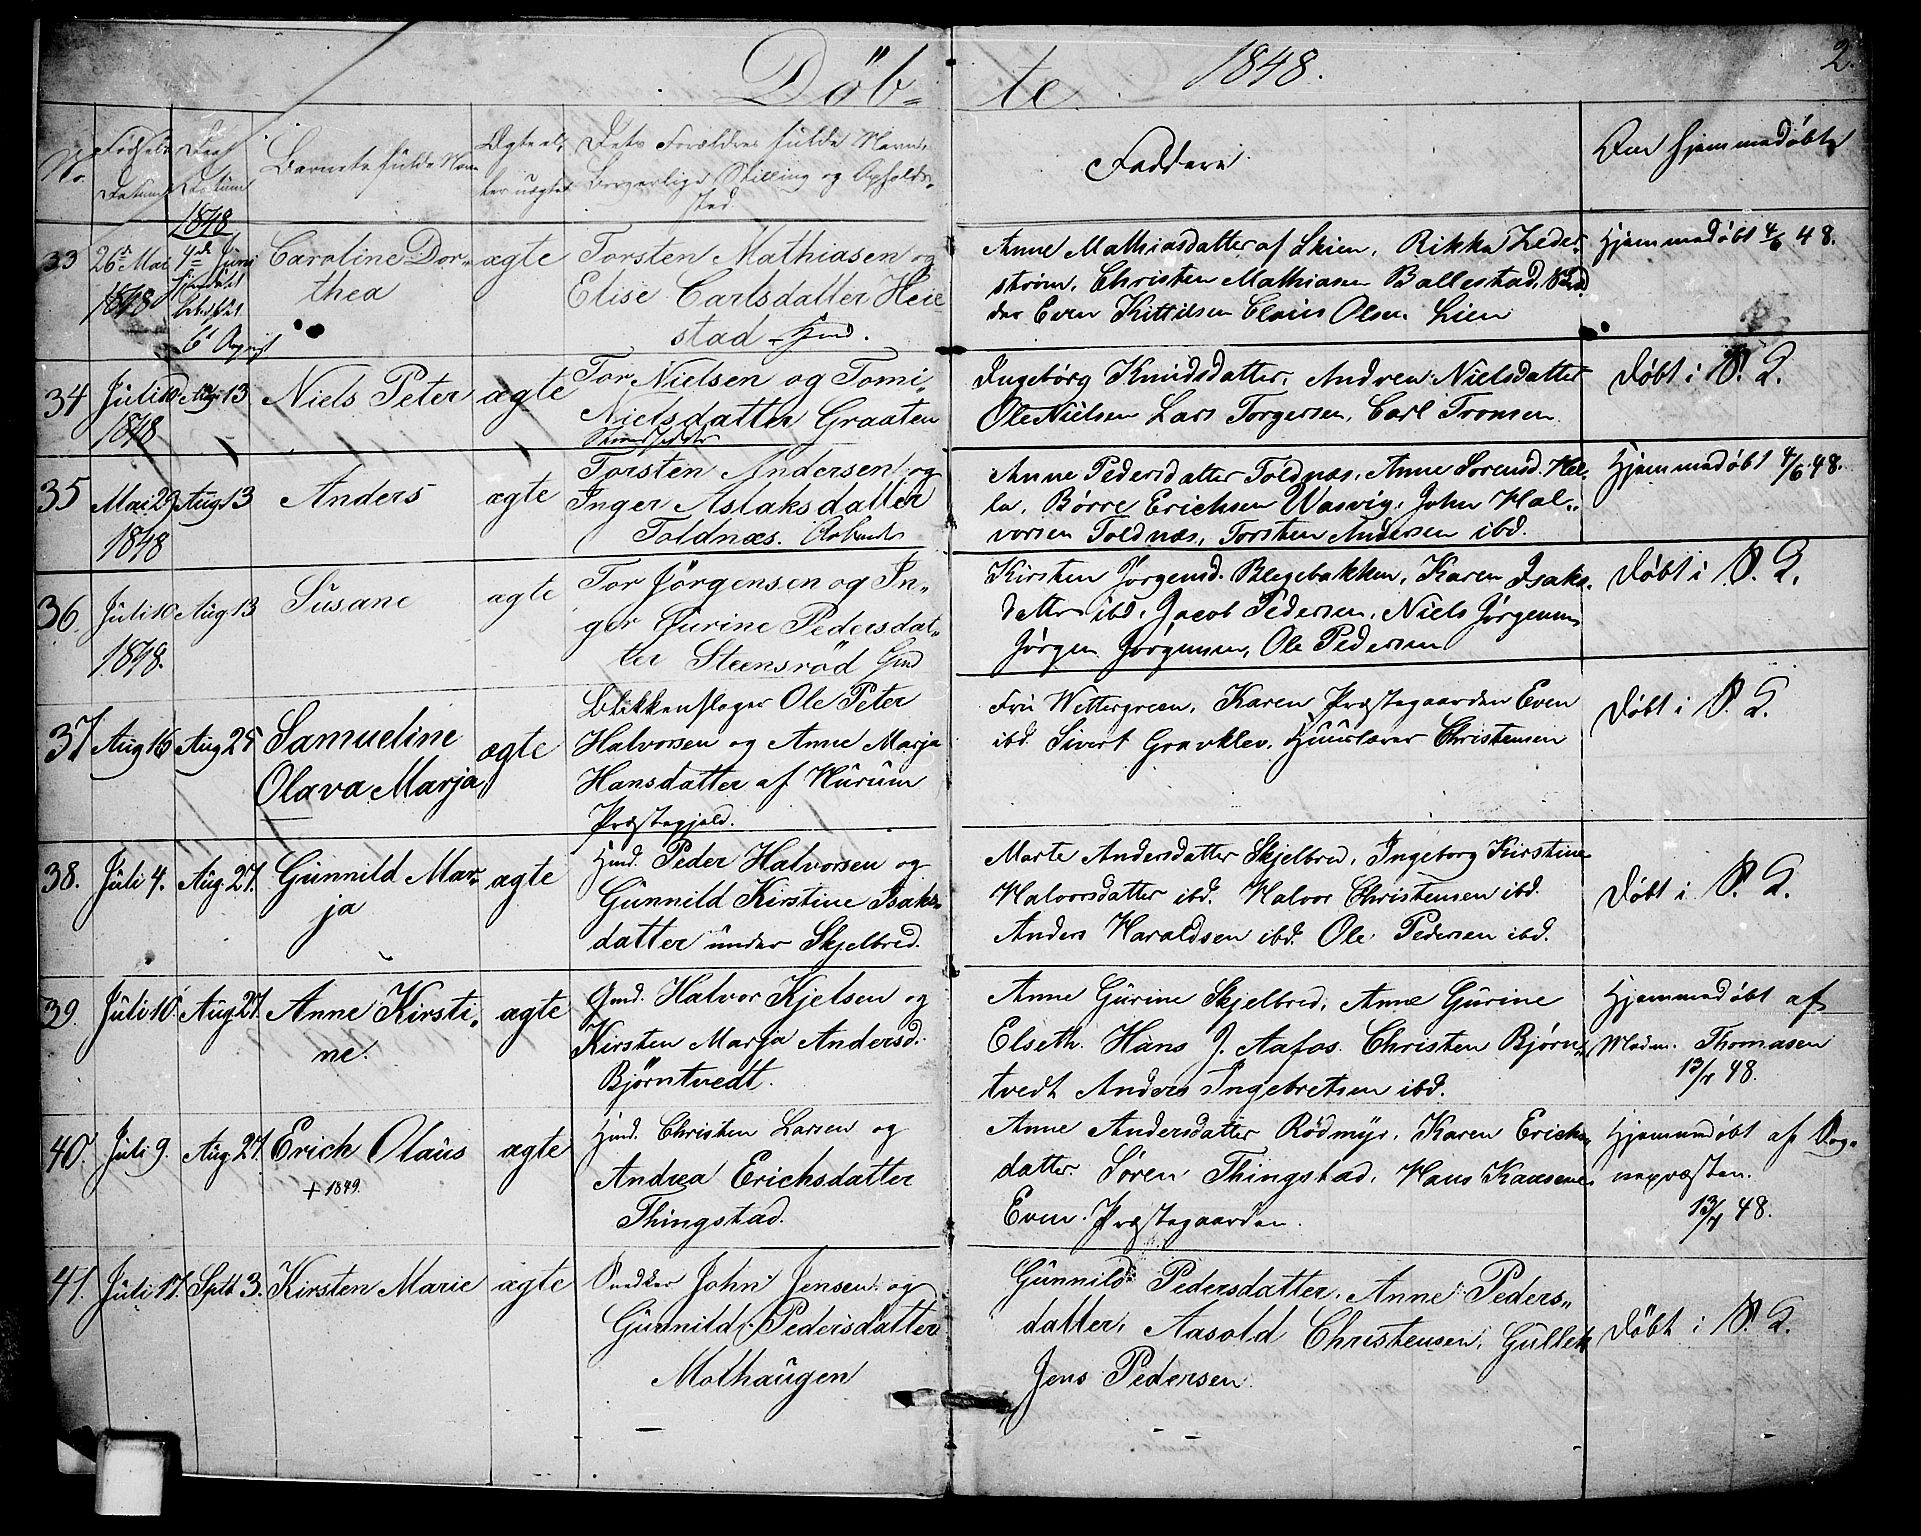 SAKO, Solum kirkebøker, G/Ga/L0003: Klokkerbok nr. I 3, 1848-1859, s. 2